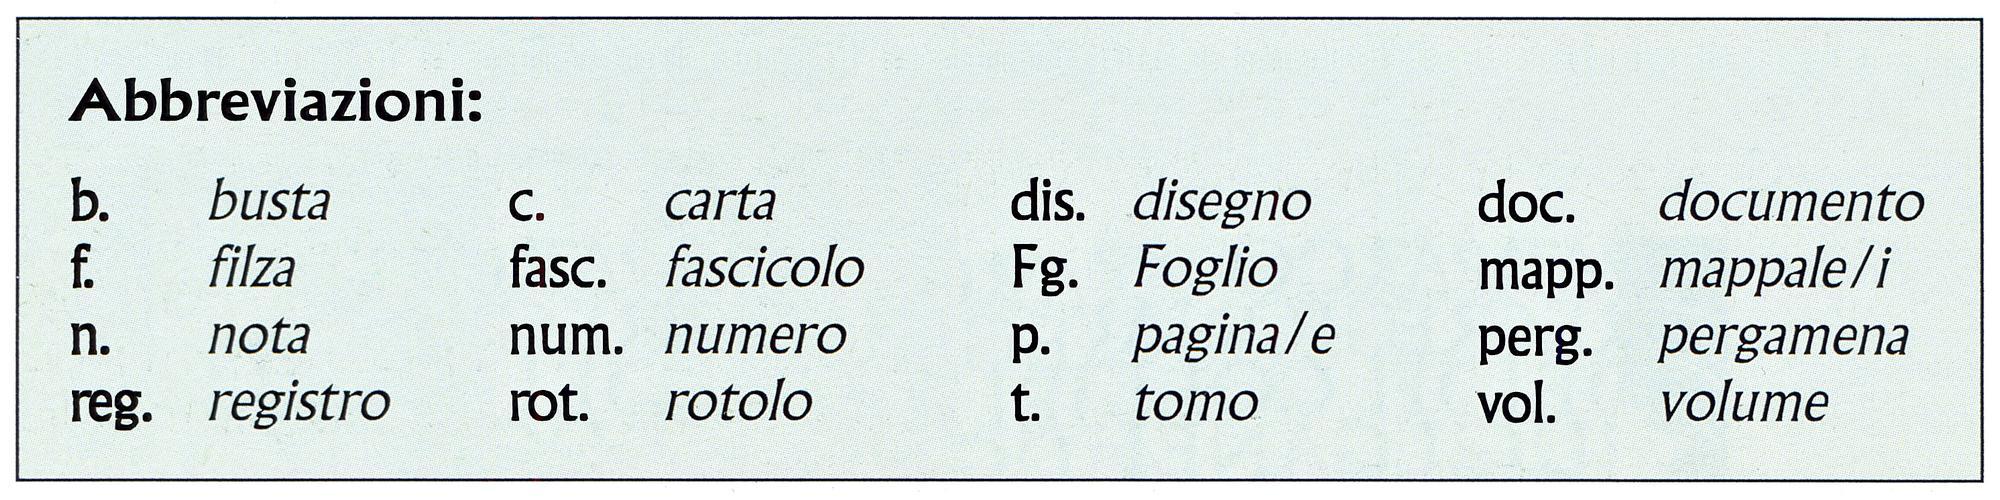 Bibliografia, abbreviazioni.